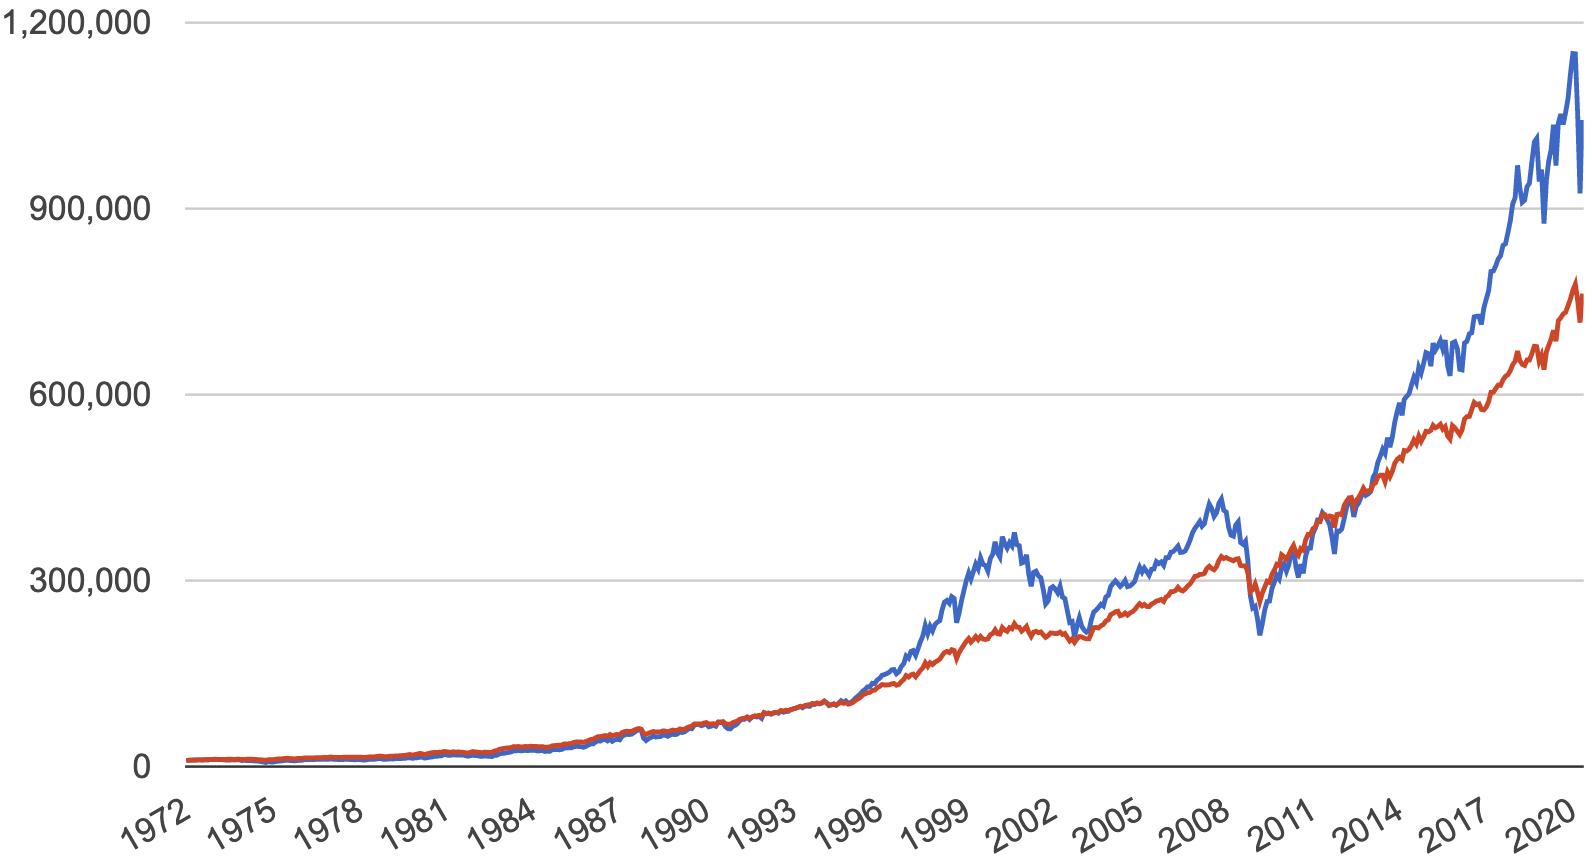 Так росла стоимость портфелей безучета накладных расходов и налогов. Синяя линия — портфель рискующего инвестора, красная — портфель более осторожного. Источник: данные PortfolioVisualizer